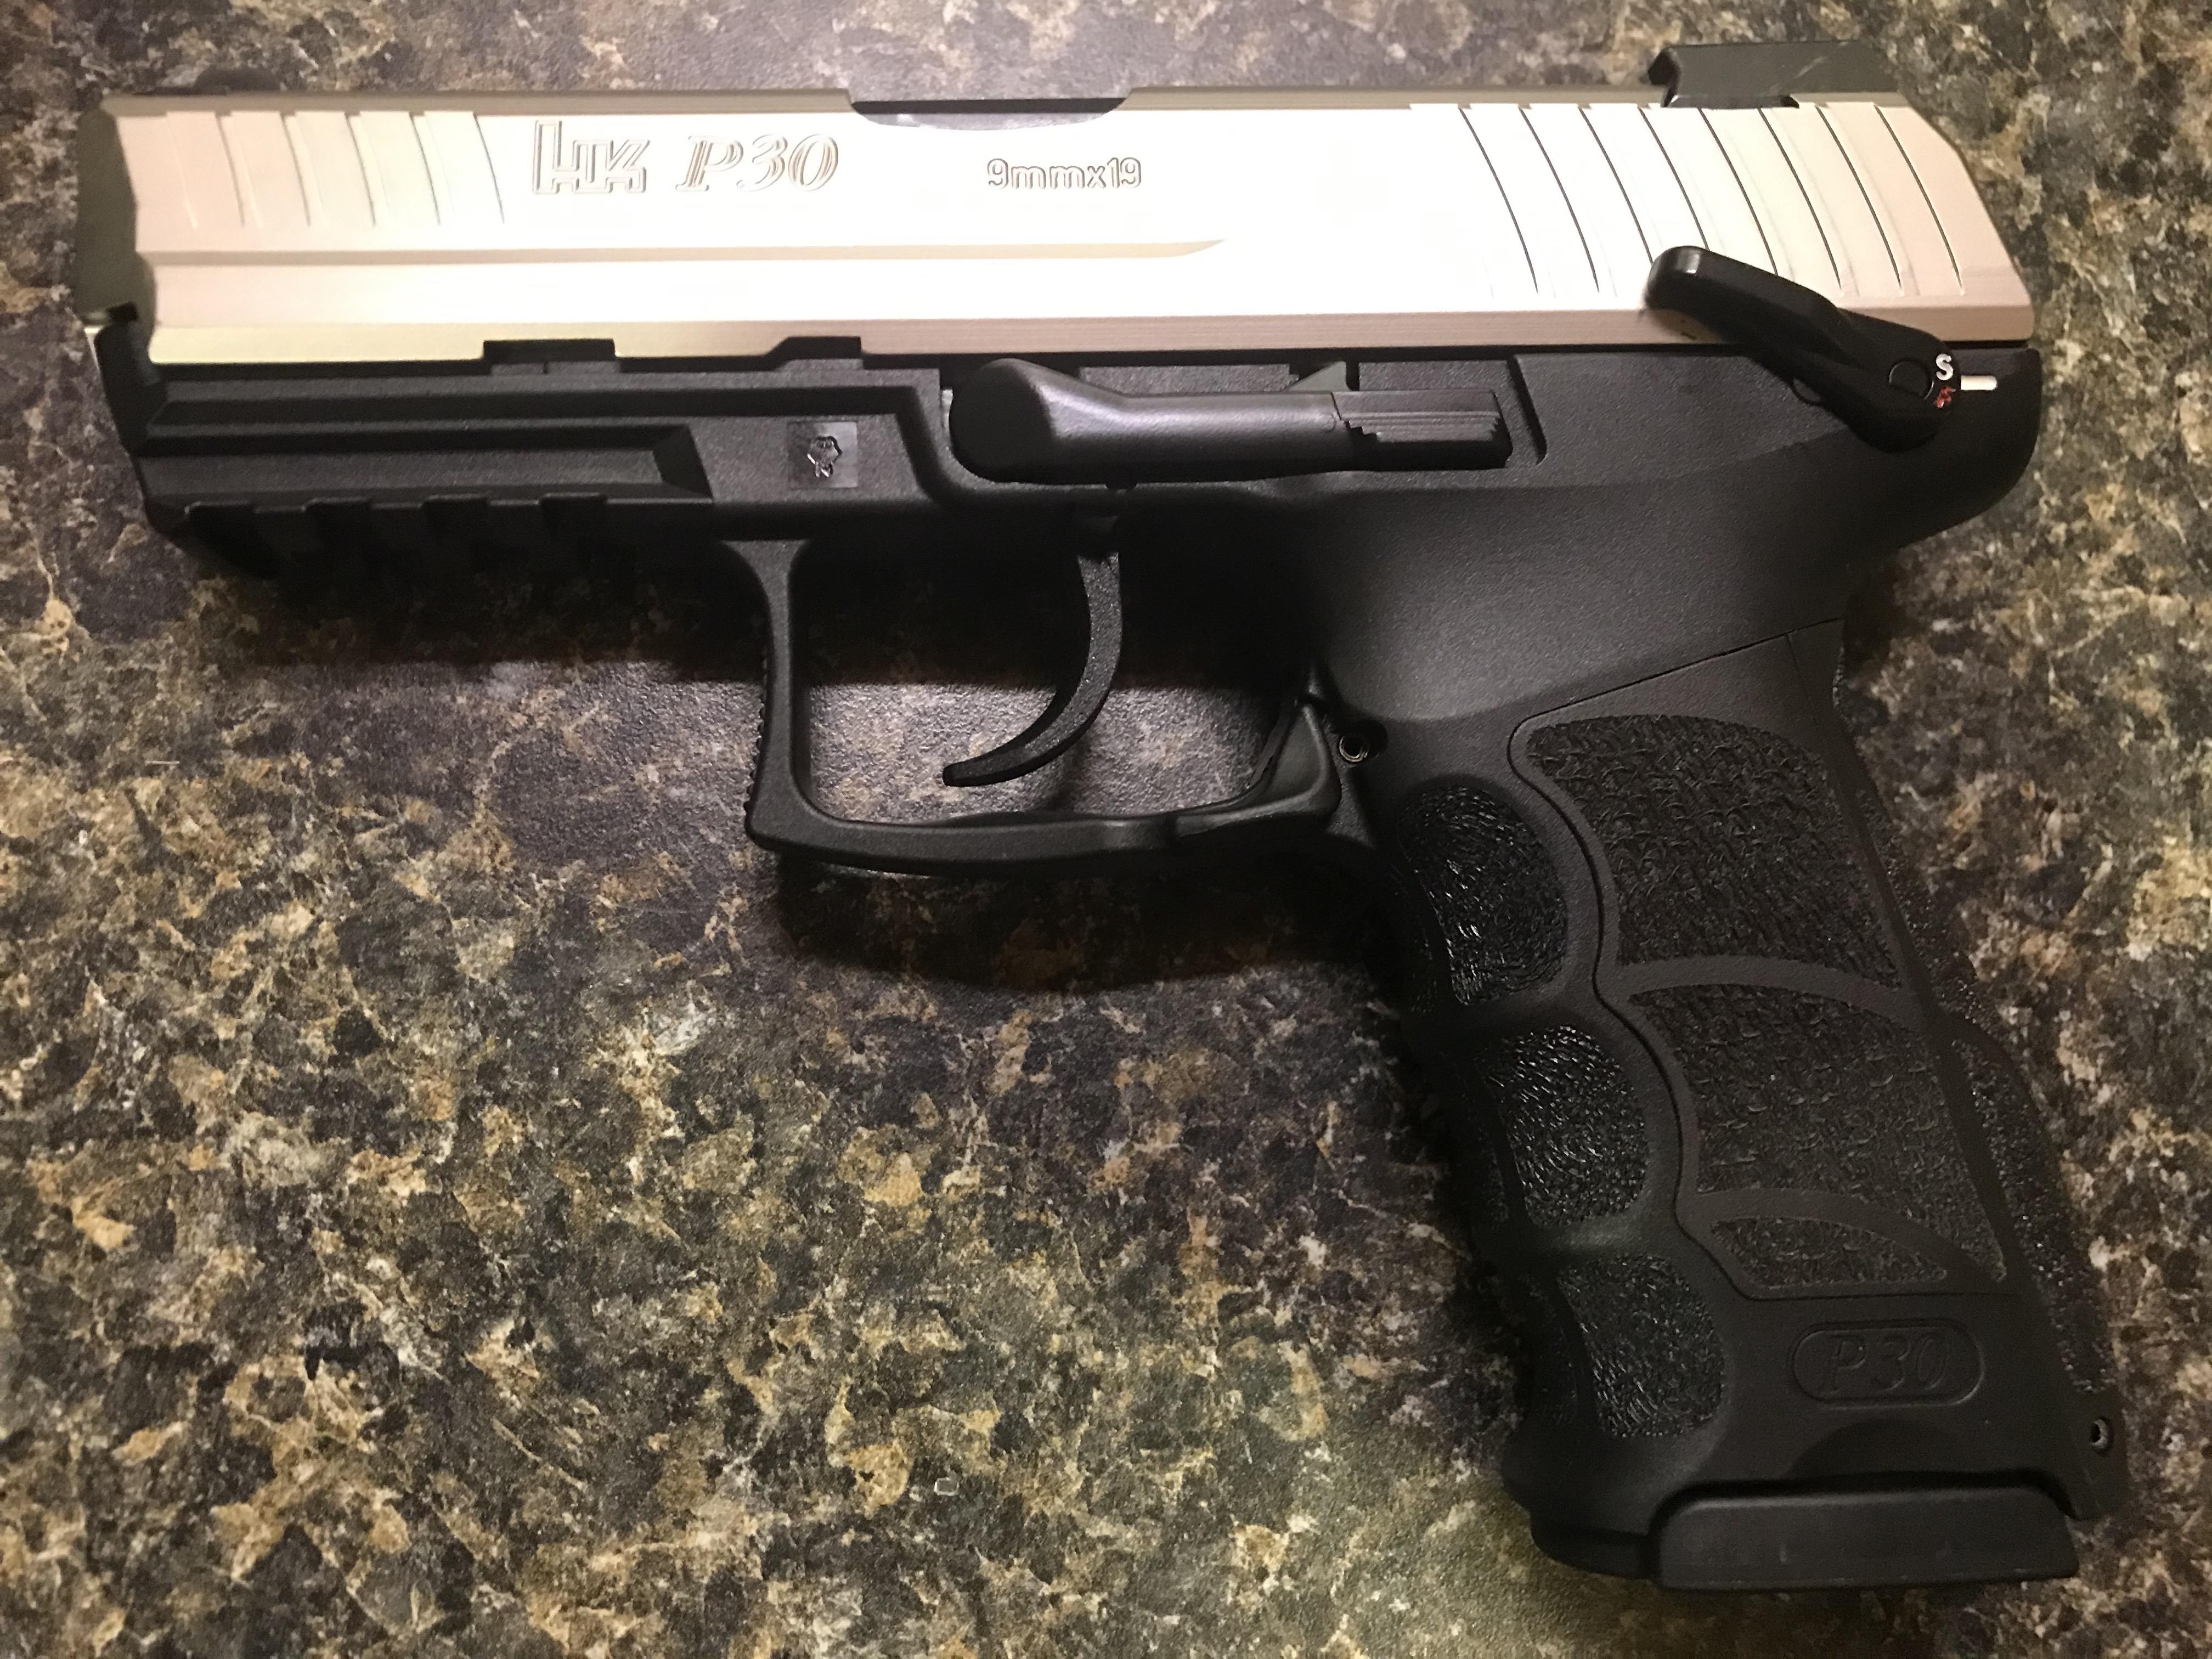 WTS: HK P30S, 9mm, custom finish, rare LEM with manual safety and night sights-57371fb9-fb7b-41a1-9a93-b95fe80a70cb.jpeg